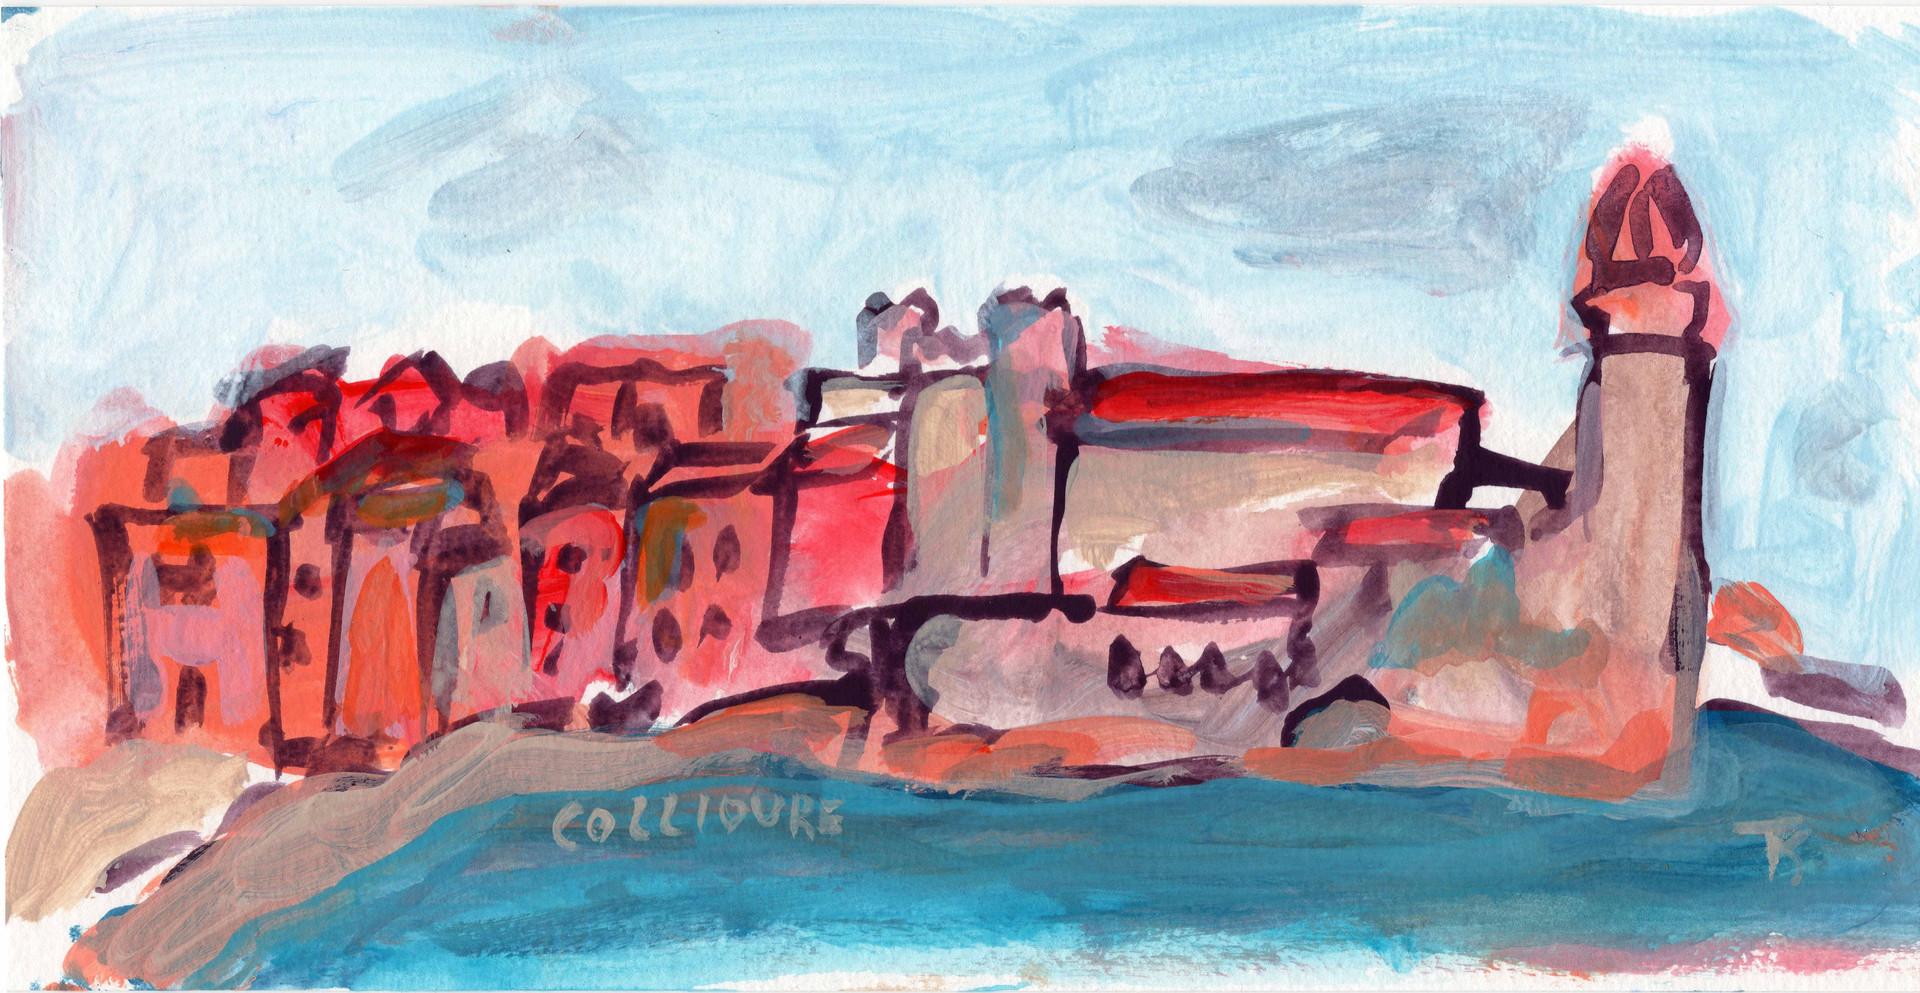 Collioure 8